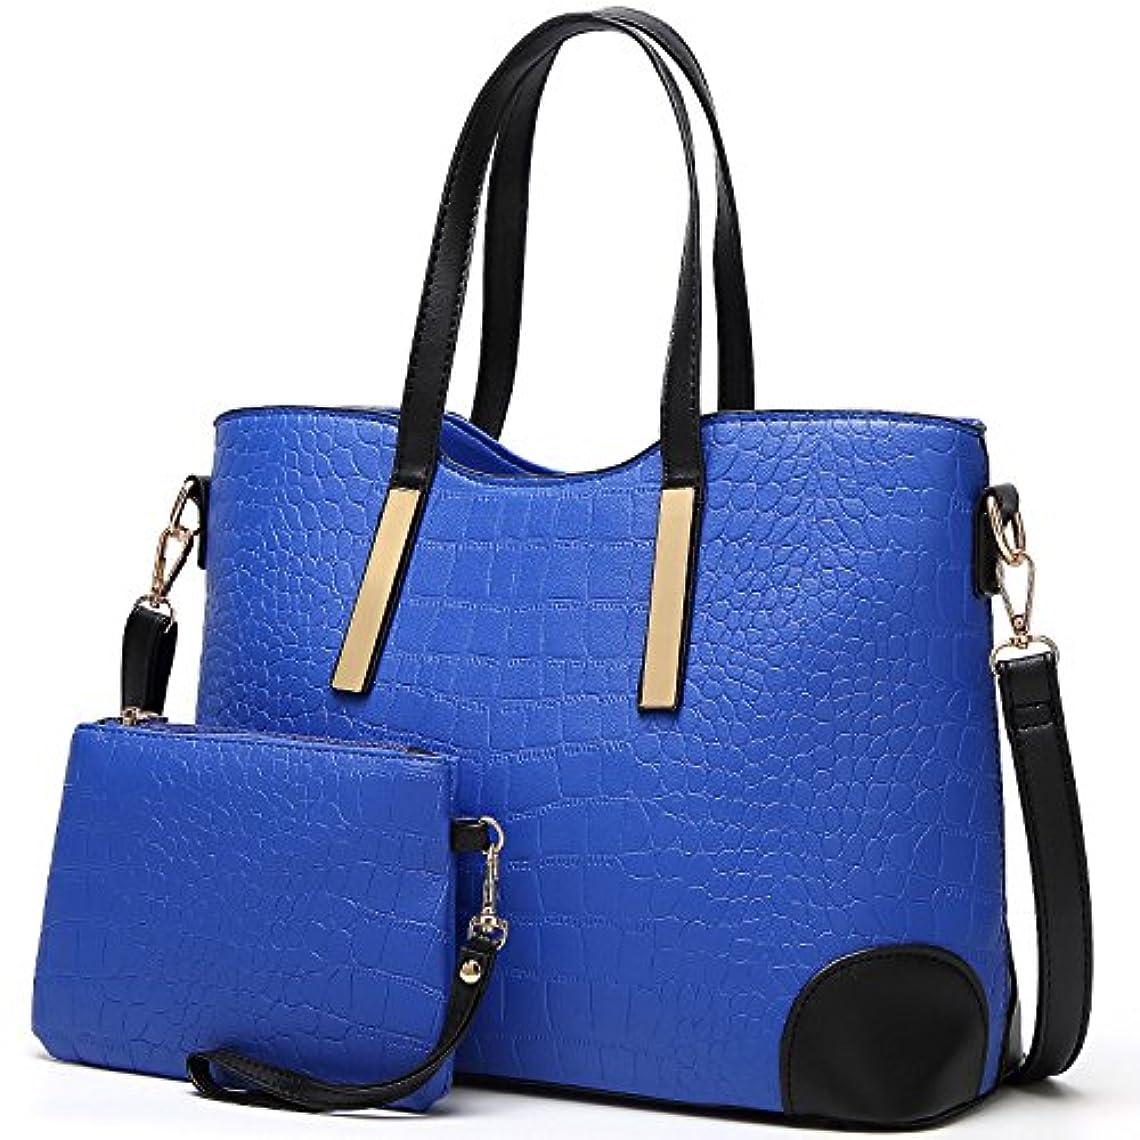 有益熱心な染料[TcIFE]ハンドバッグ レディース トートバッグ 大容量 無地 ショルダーバッグ 2way シンプル バッグ 高級 人気